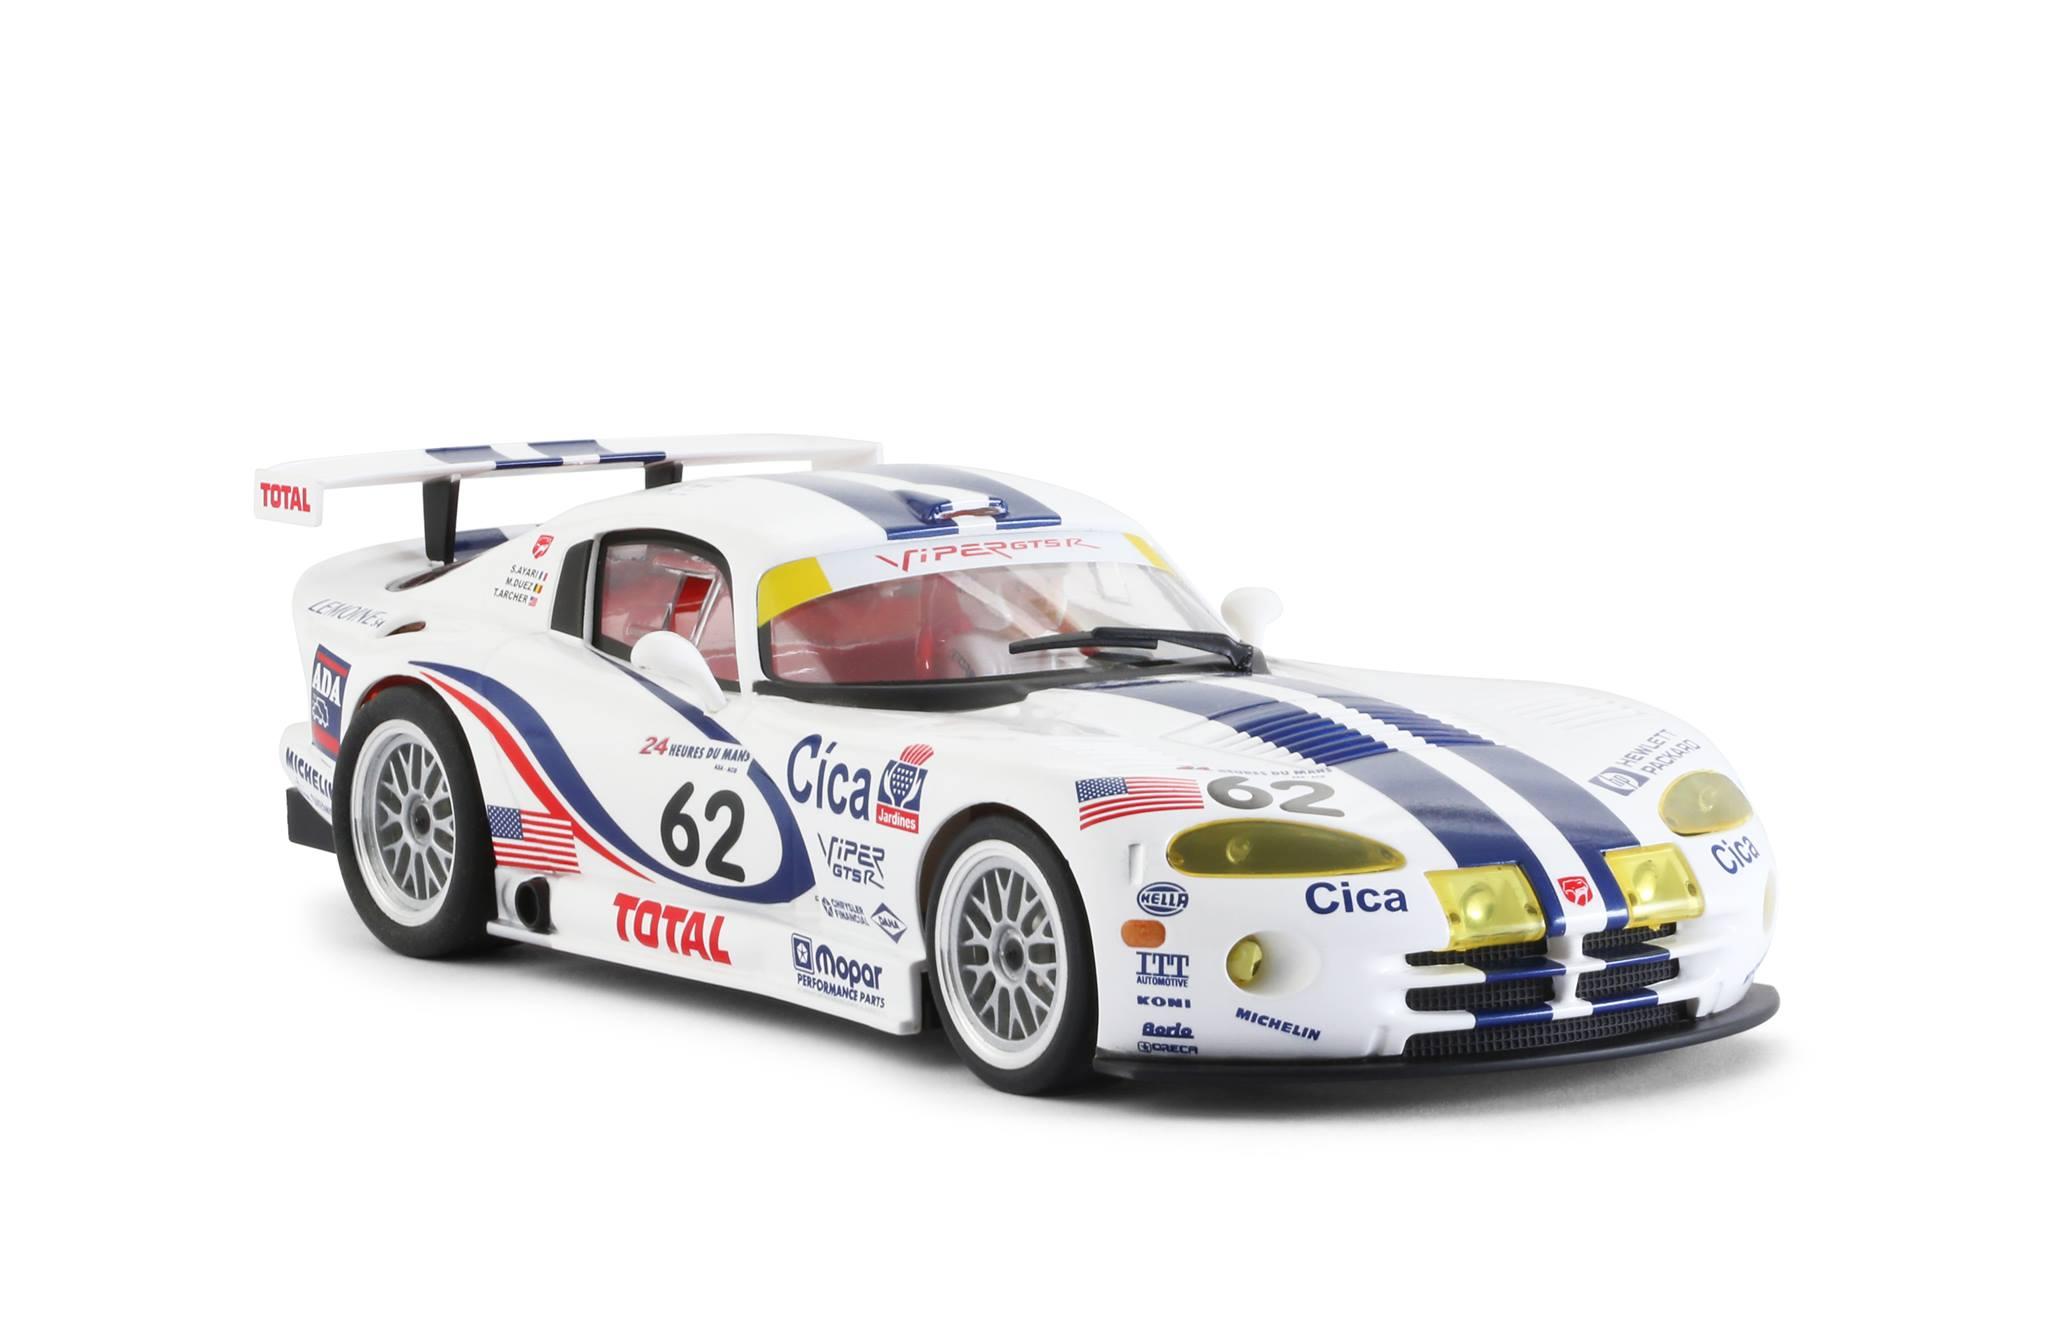 Viper GTS-R Team Oreca #62 Le Mans 1997 (Abandon – sortie de piste – 76 tours) – Pilotes Tommy Archer, Marc Duez et Soheil Ayari